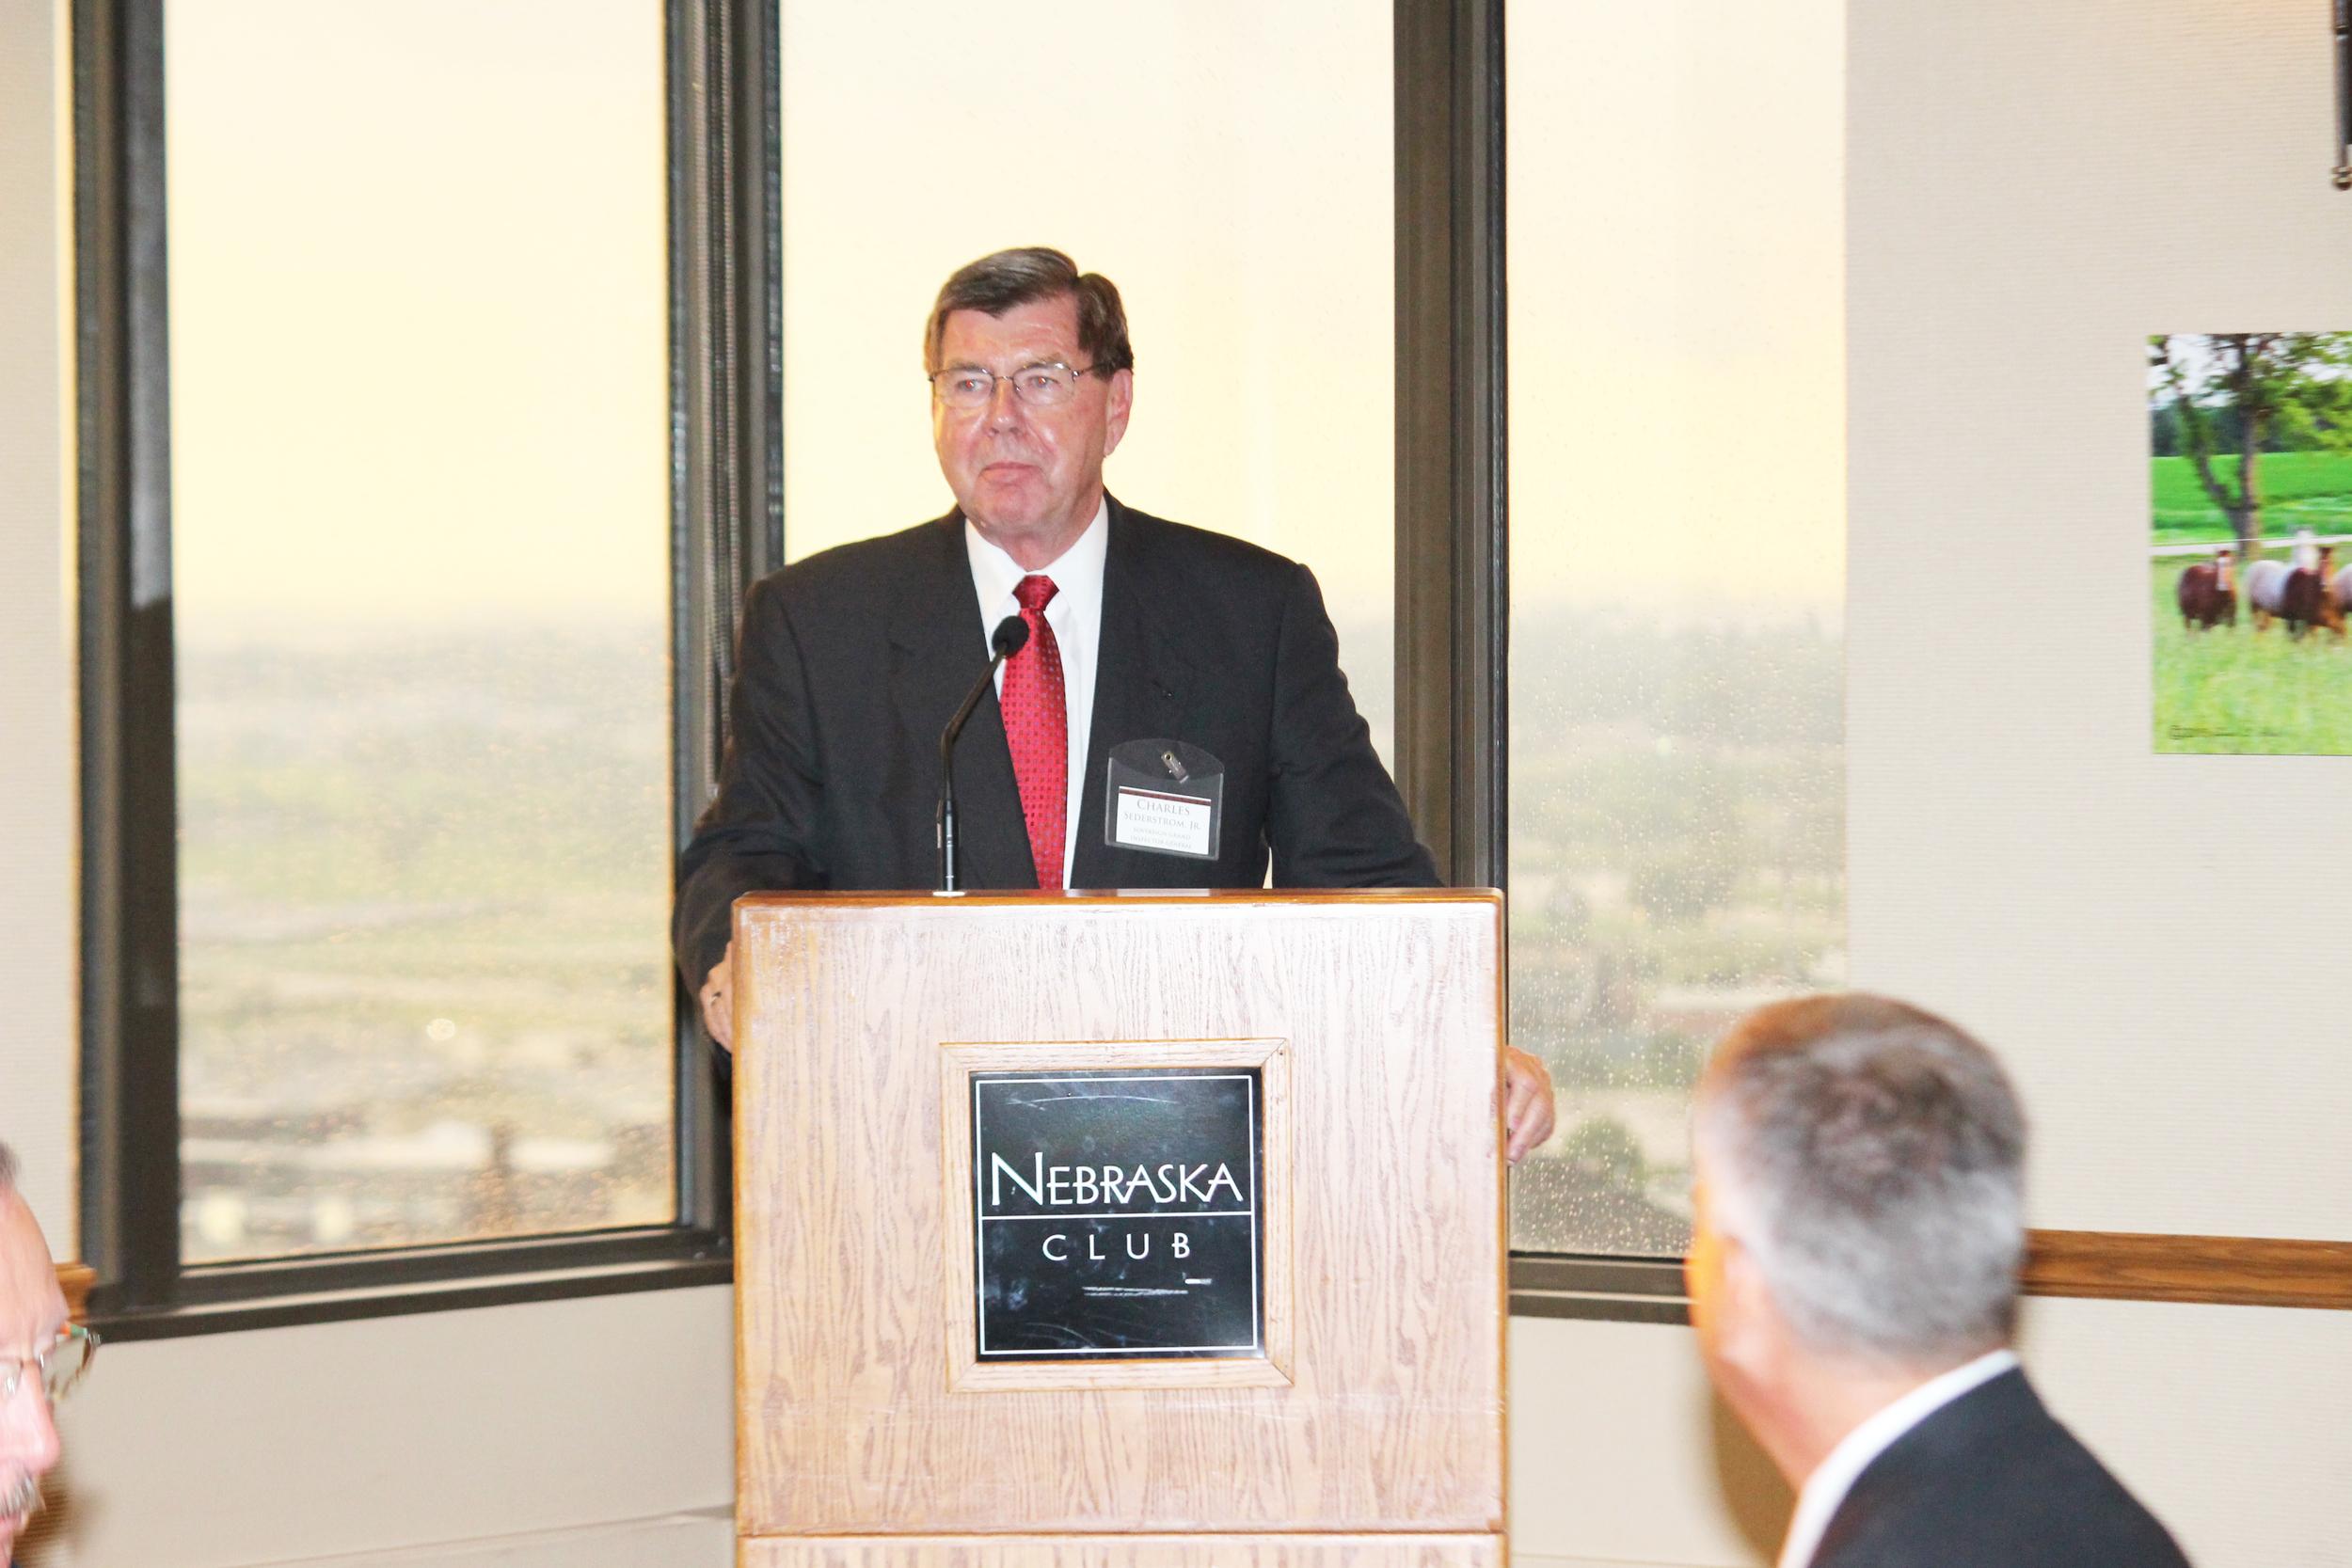 Charles V. Sederstrom, Jr., 33°, SGIG for Nebraska